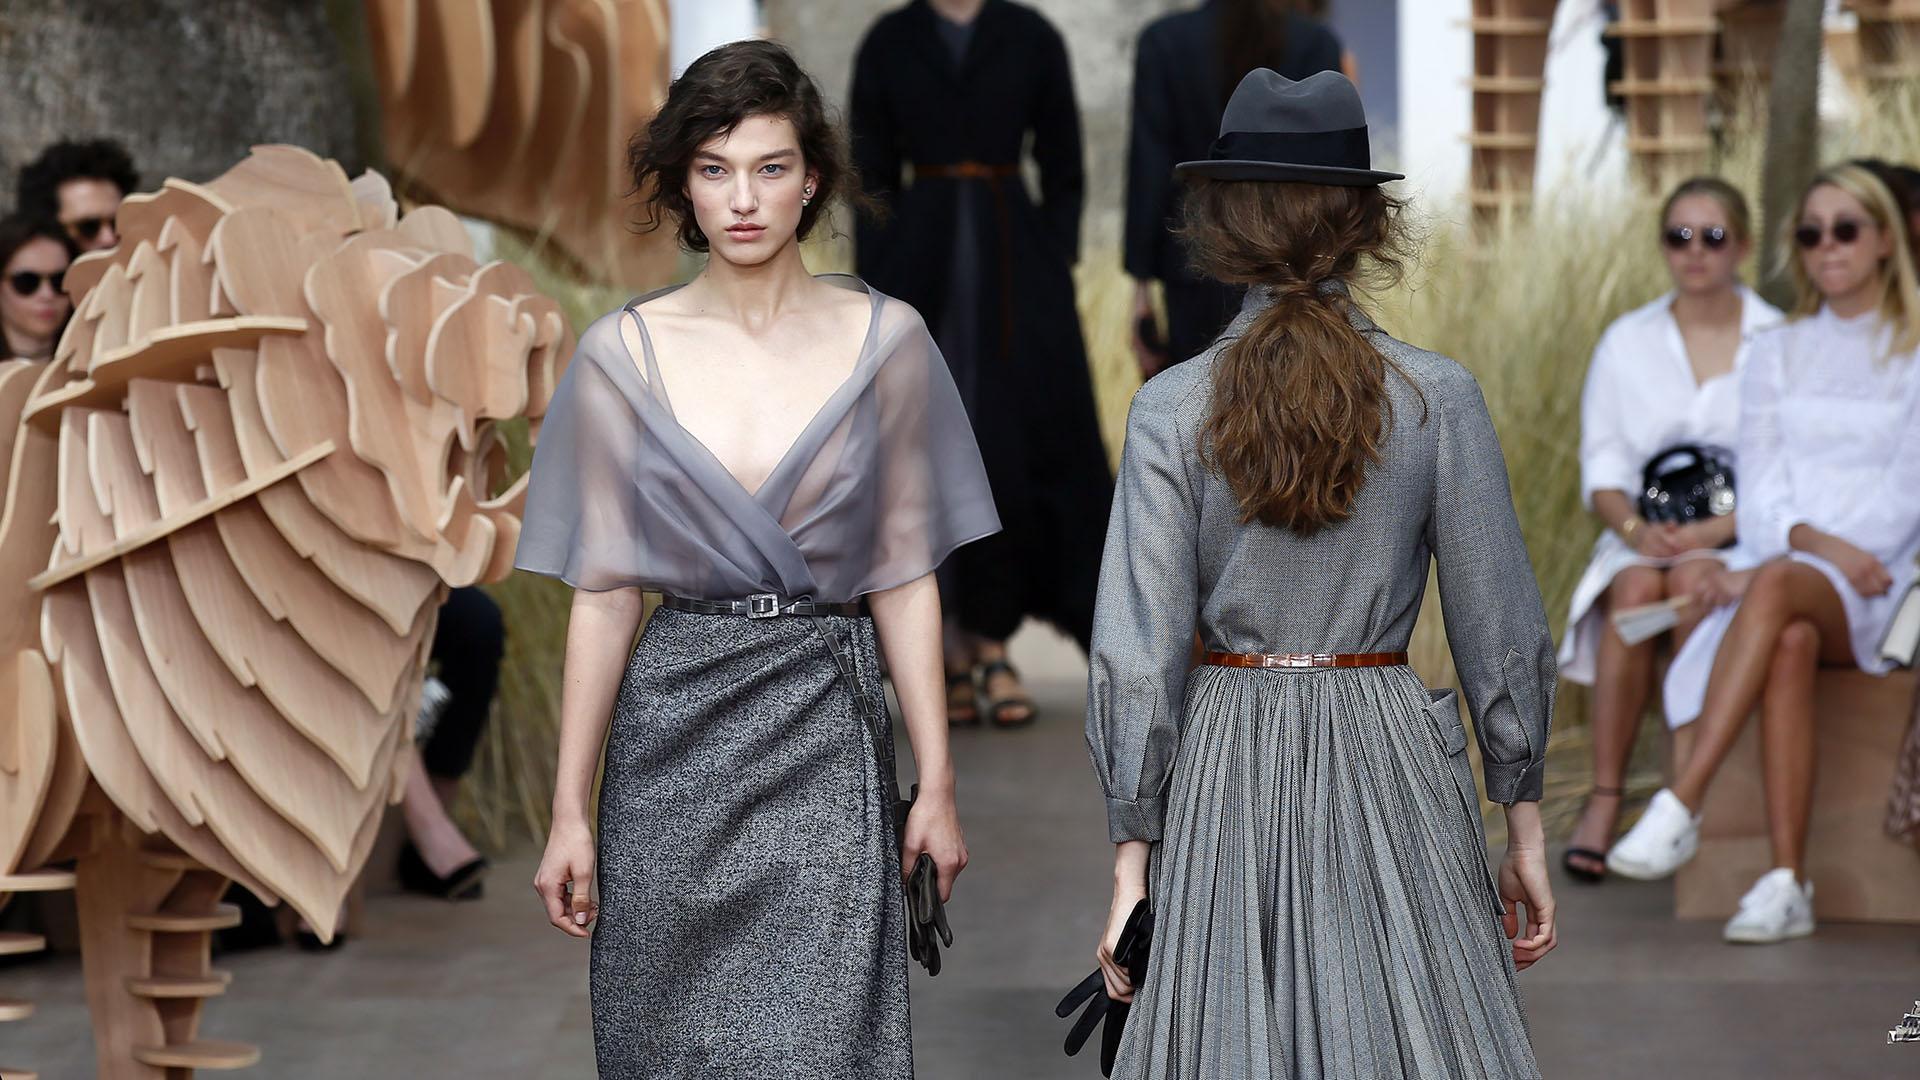 Sobre la pasarela predominaron los vestidos en gris melange como eje conductor de la propuesta (AP Photo/Francois Mori)